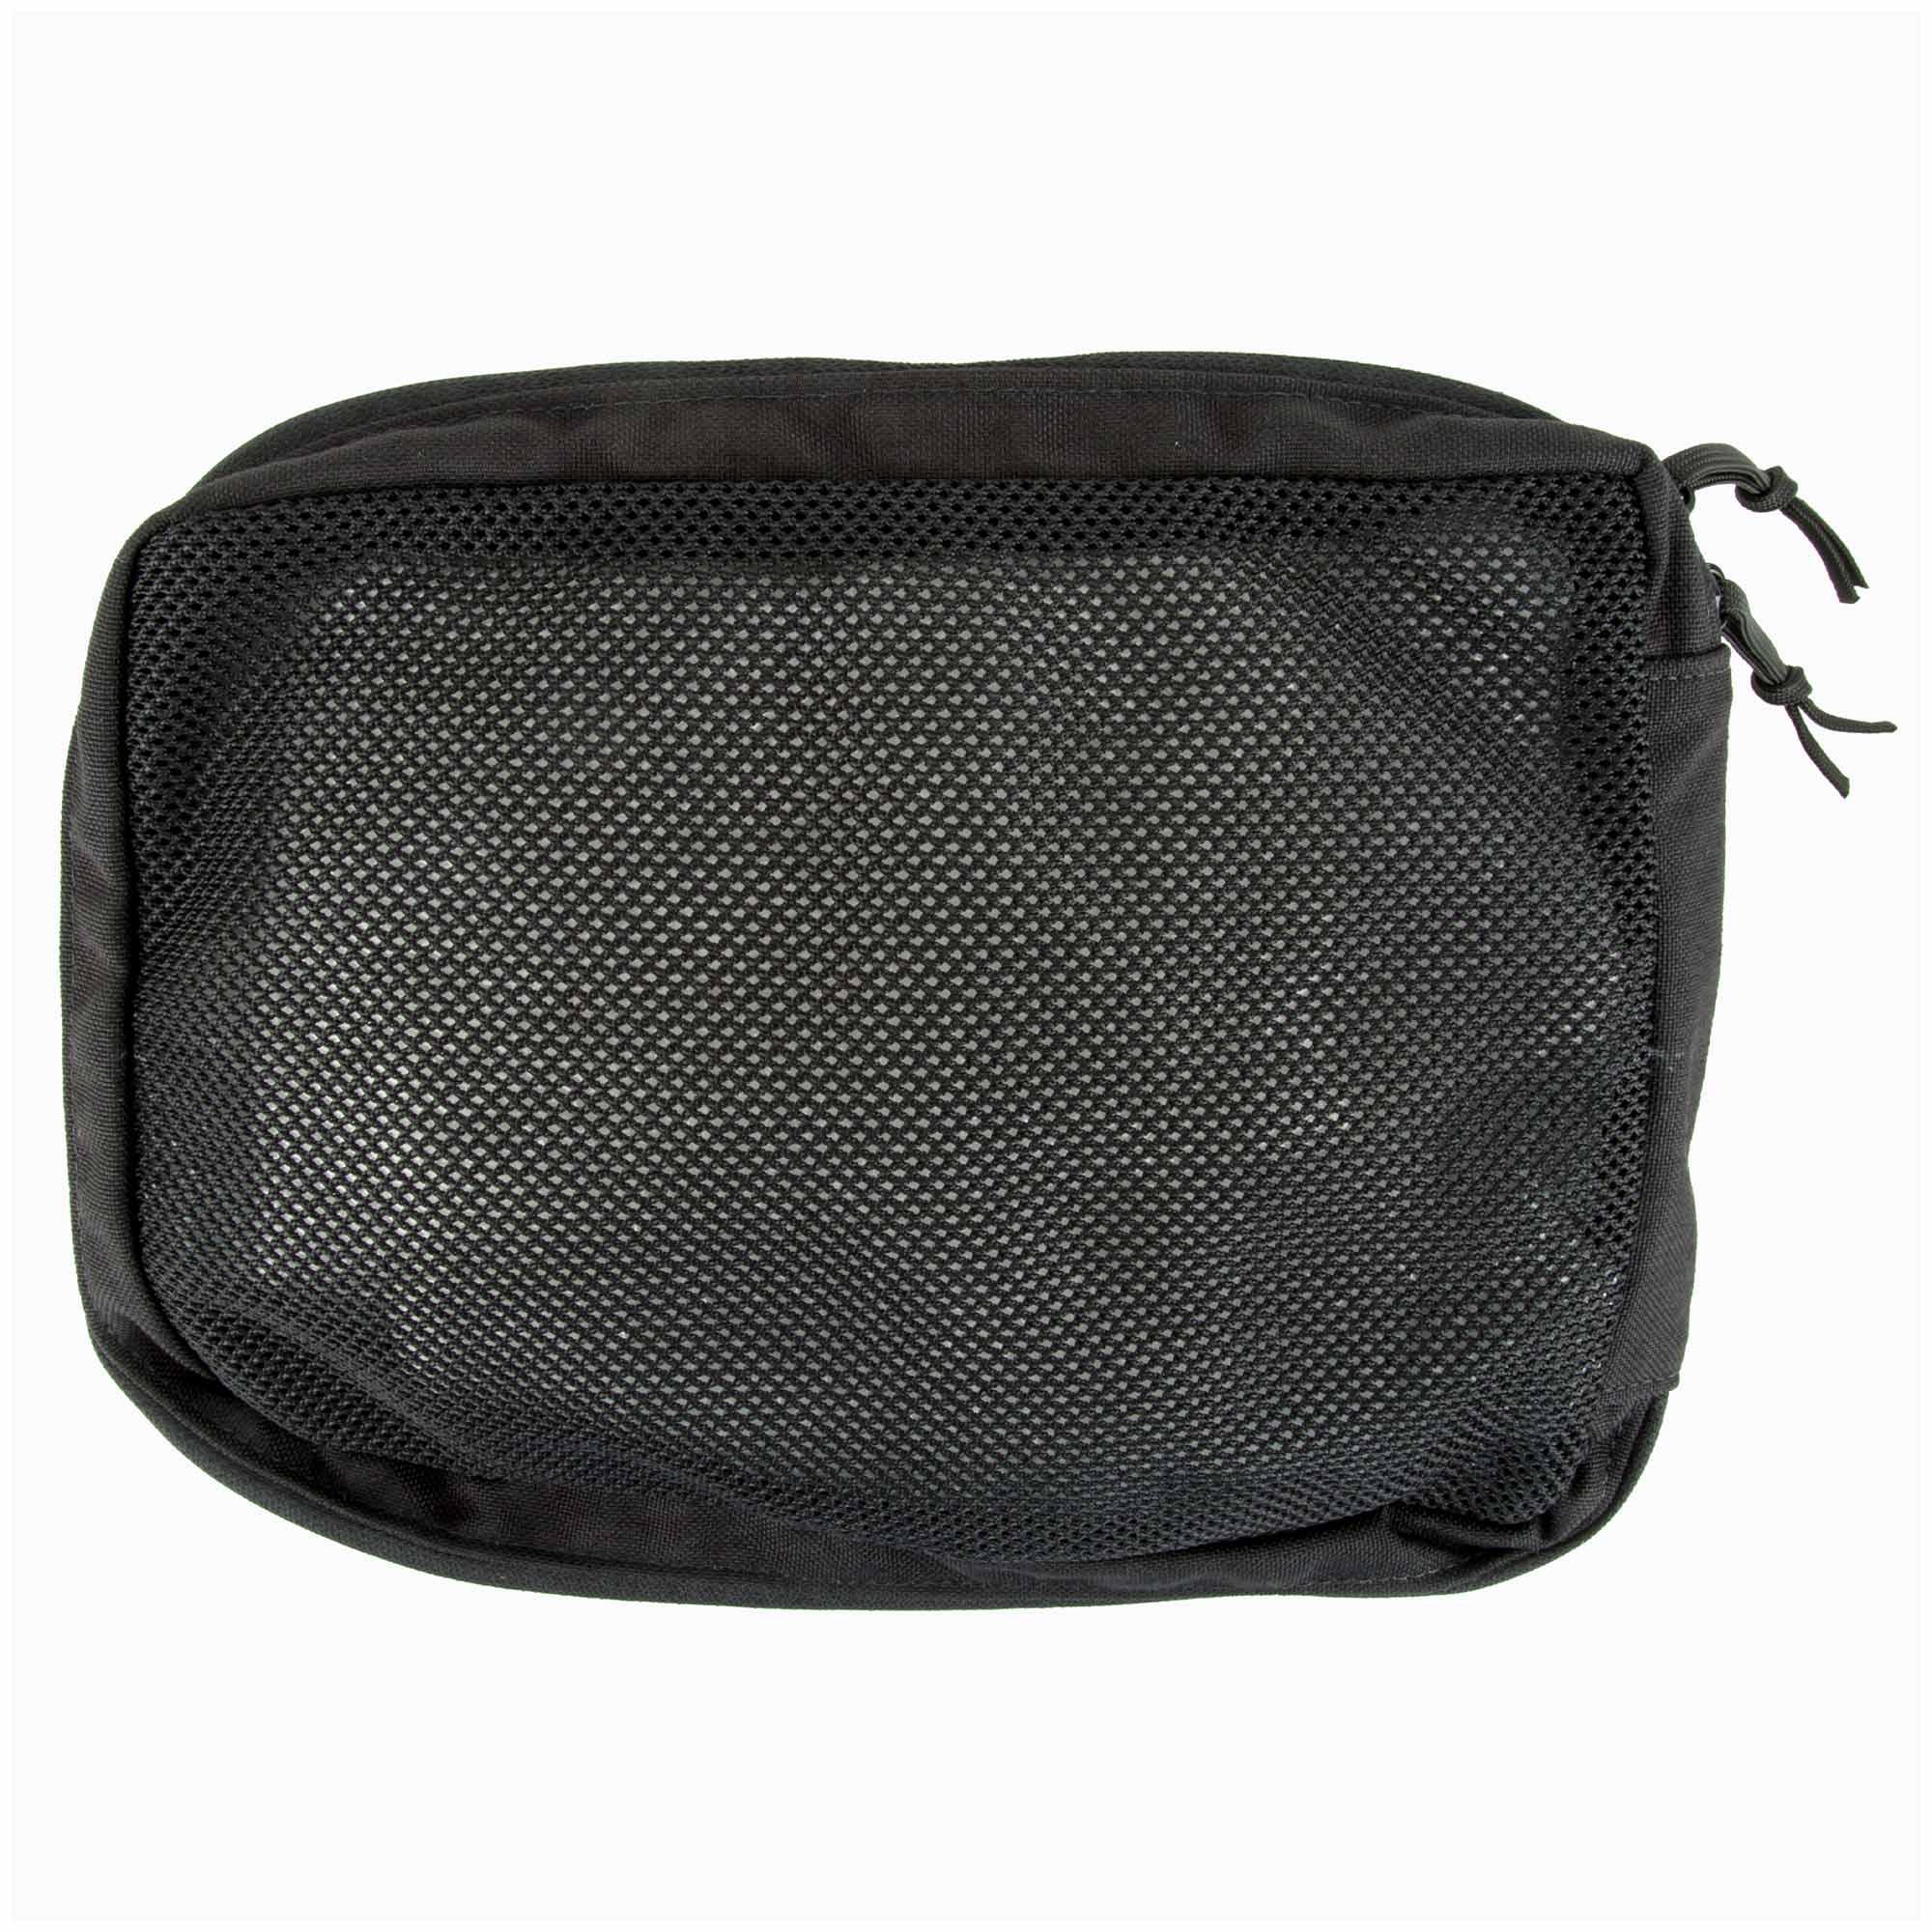 LBX Kletttasche Large Mesh Pouch schwarz